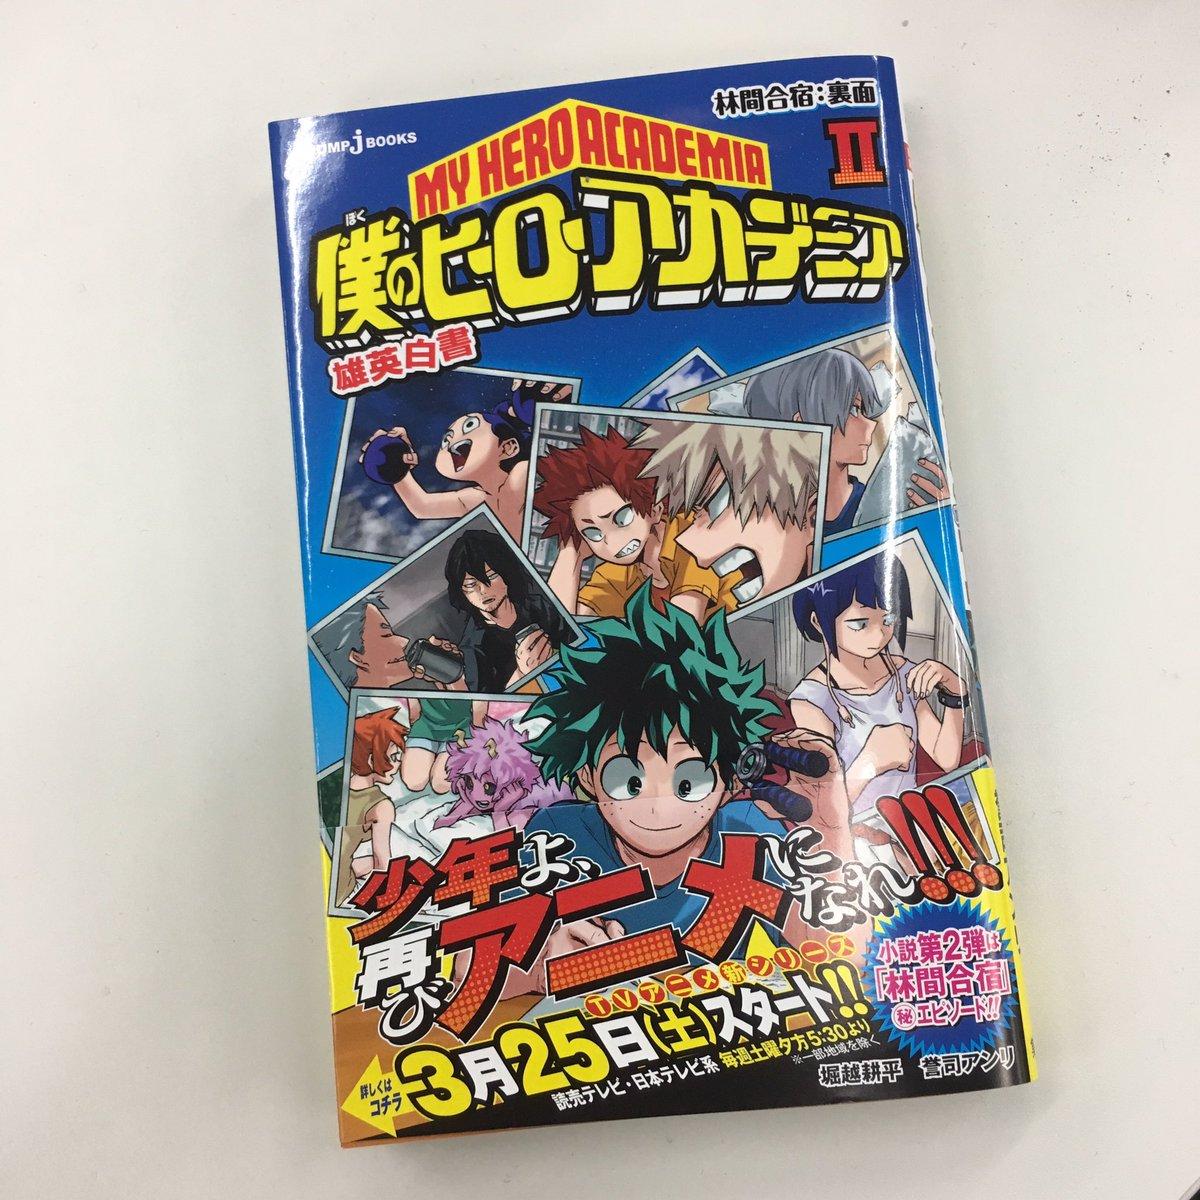 「僕のヒーローアカデミア」コミックス最新12巻が今日発売! さらに小説第2弾「雄英白書 Ⅱ 林間合宿…